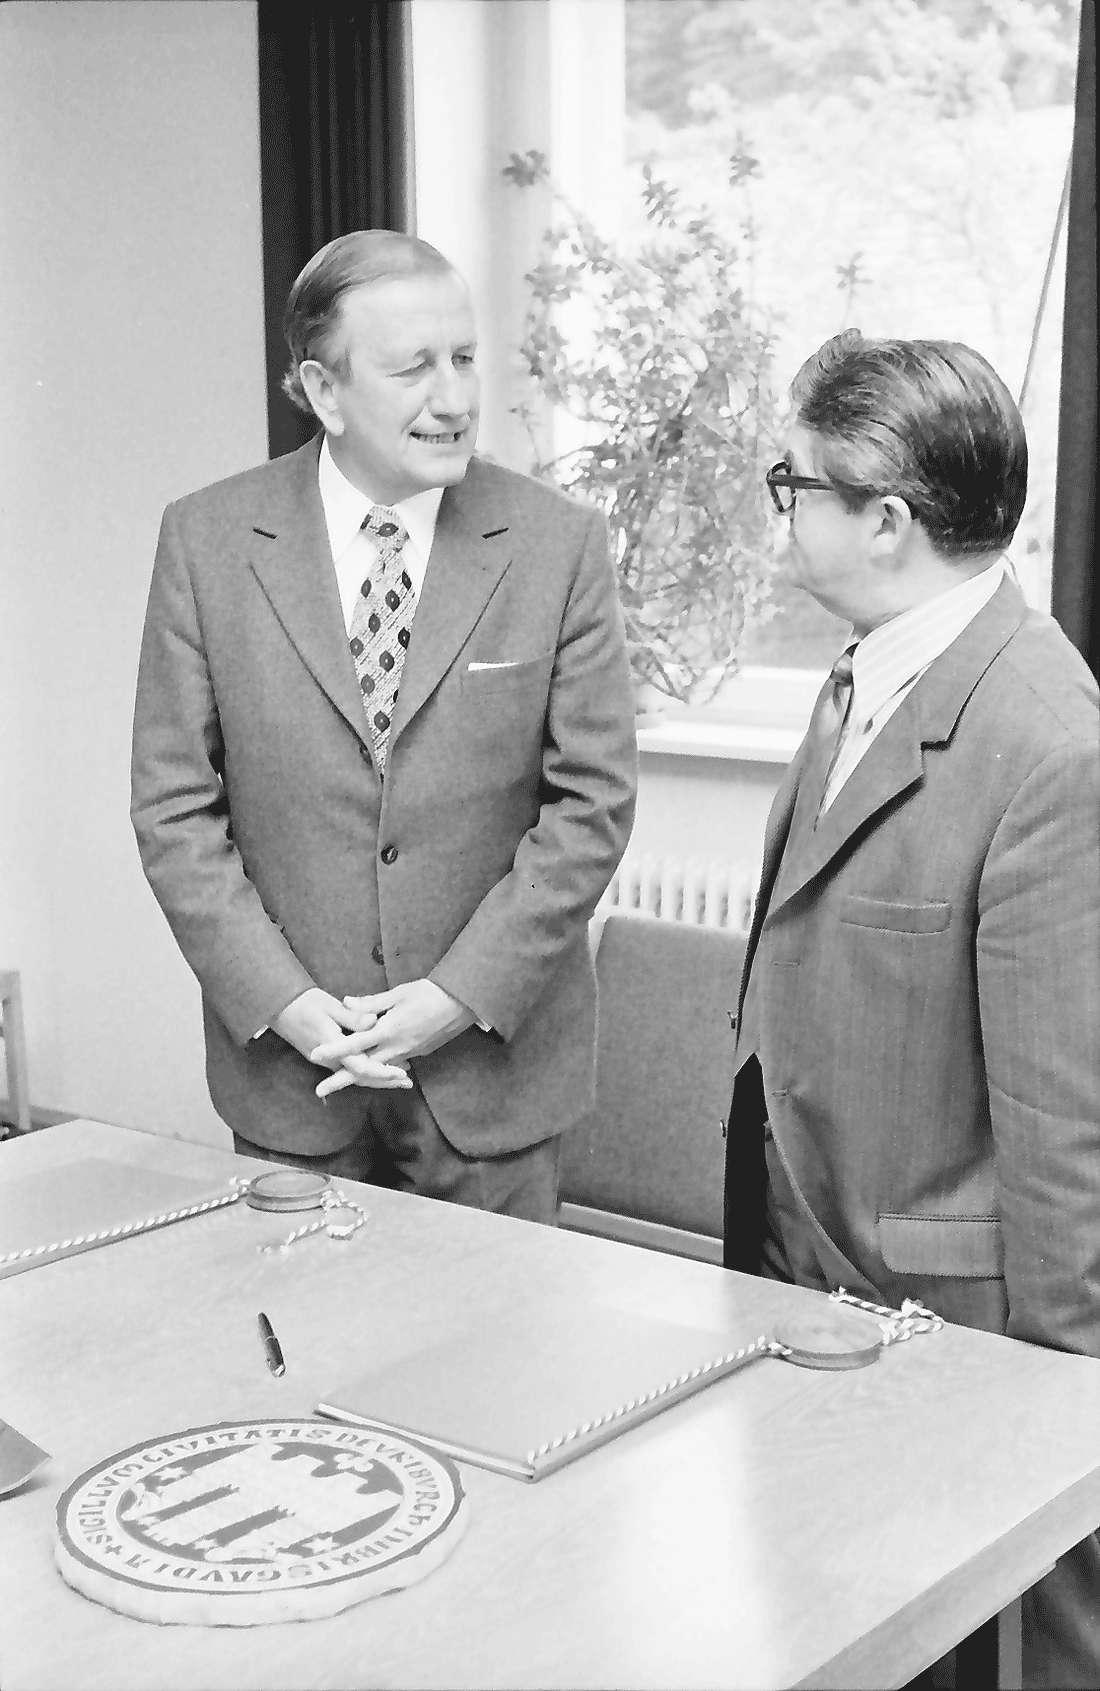 Kappel: Rathaus; Eingemeindung Kappel; 1. Bürgermeister Dr. Graf, Bürgermeisterstellvertreter Karl Wider; Urkundenaustausch, Bild 1